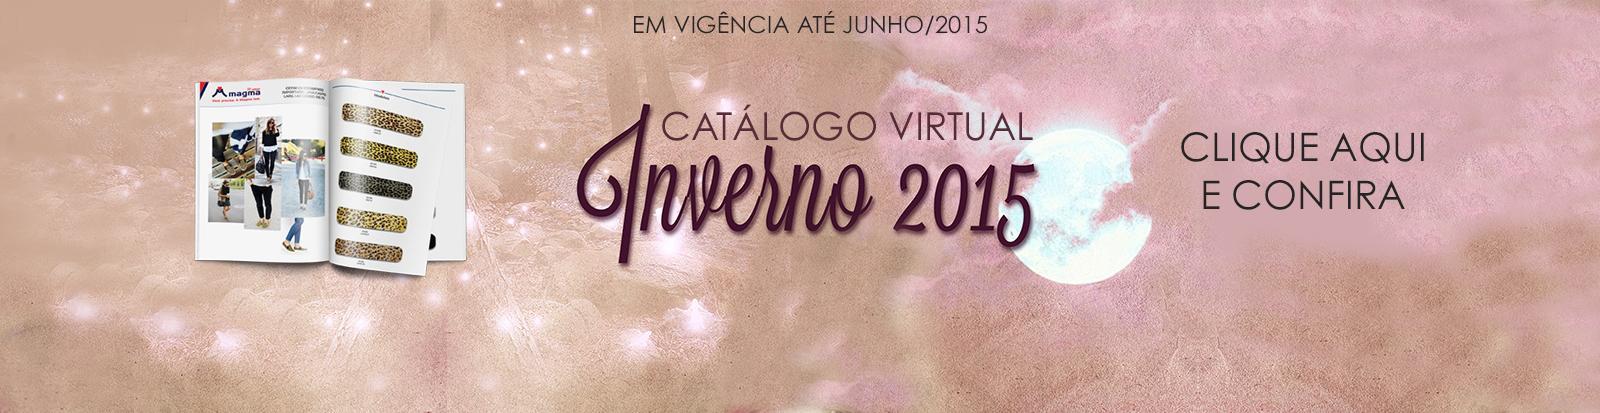 catalogo-inverno3